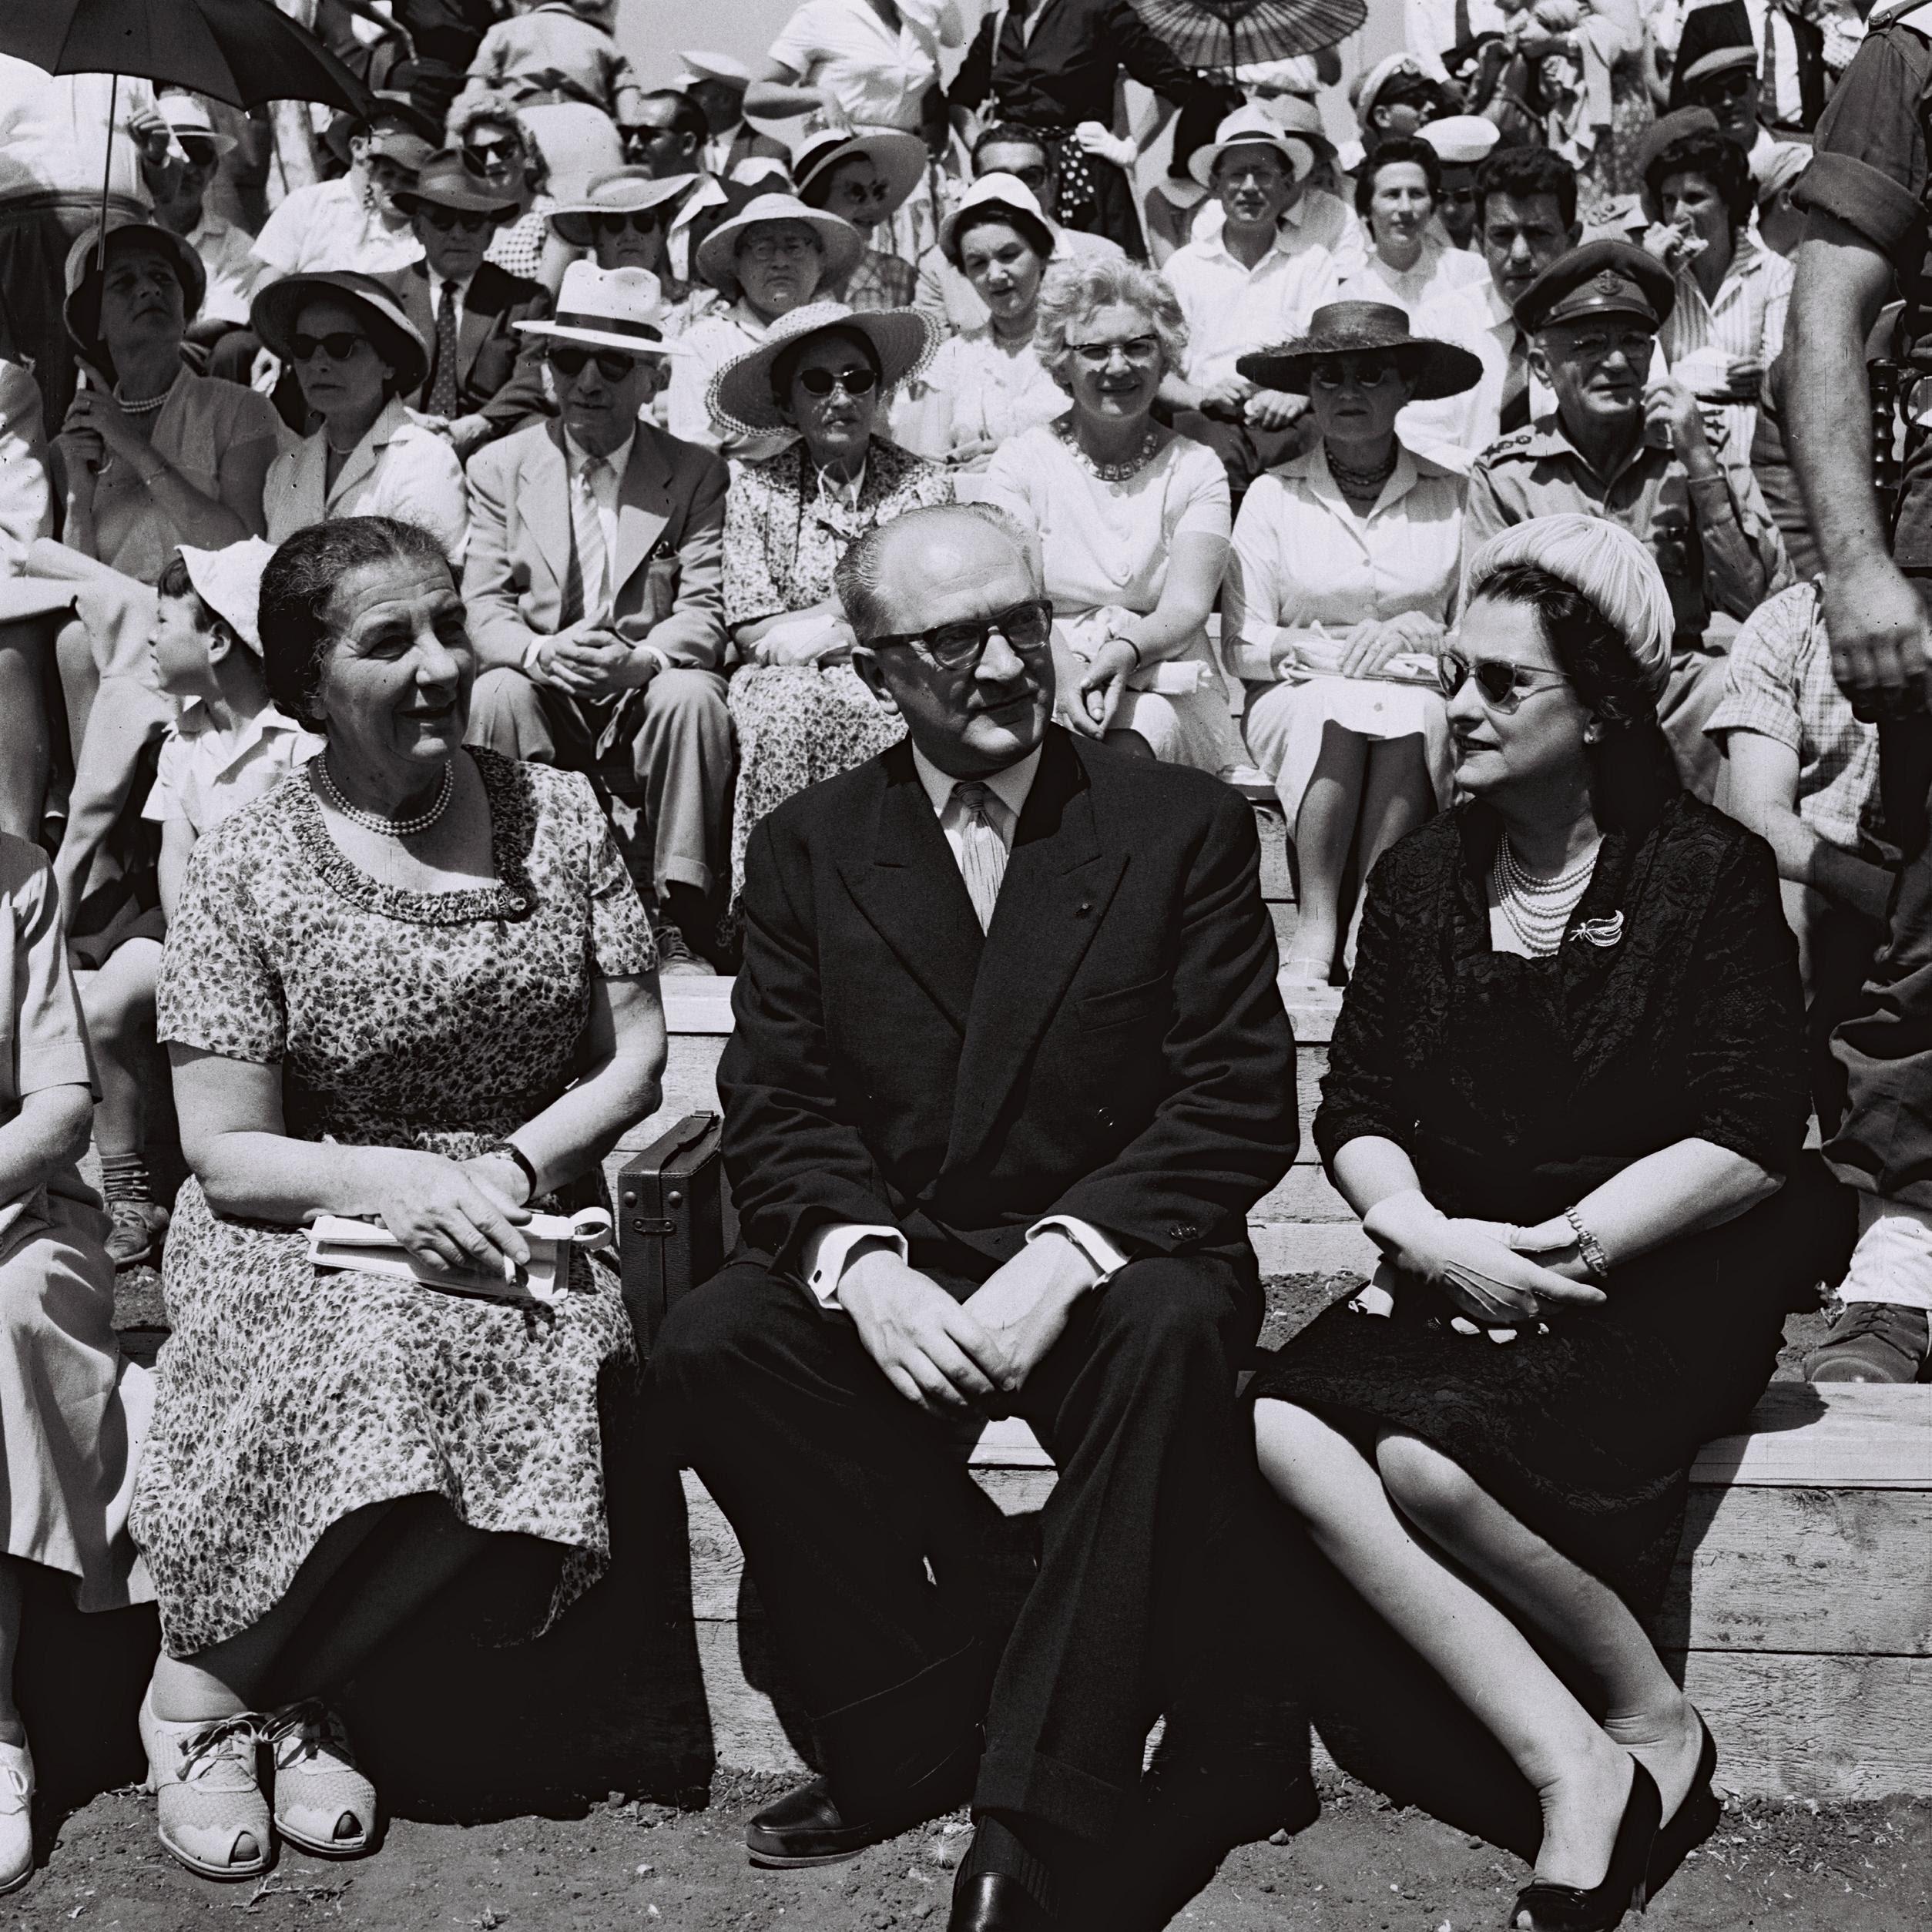 File:Guy Mollet-Golda Meir-Israel Indepence Day 1959.jpg